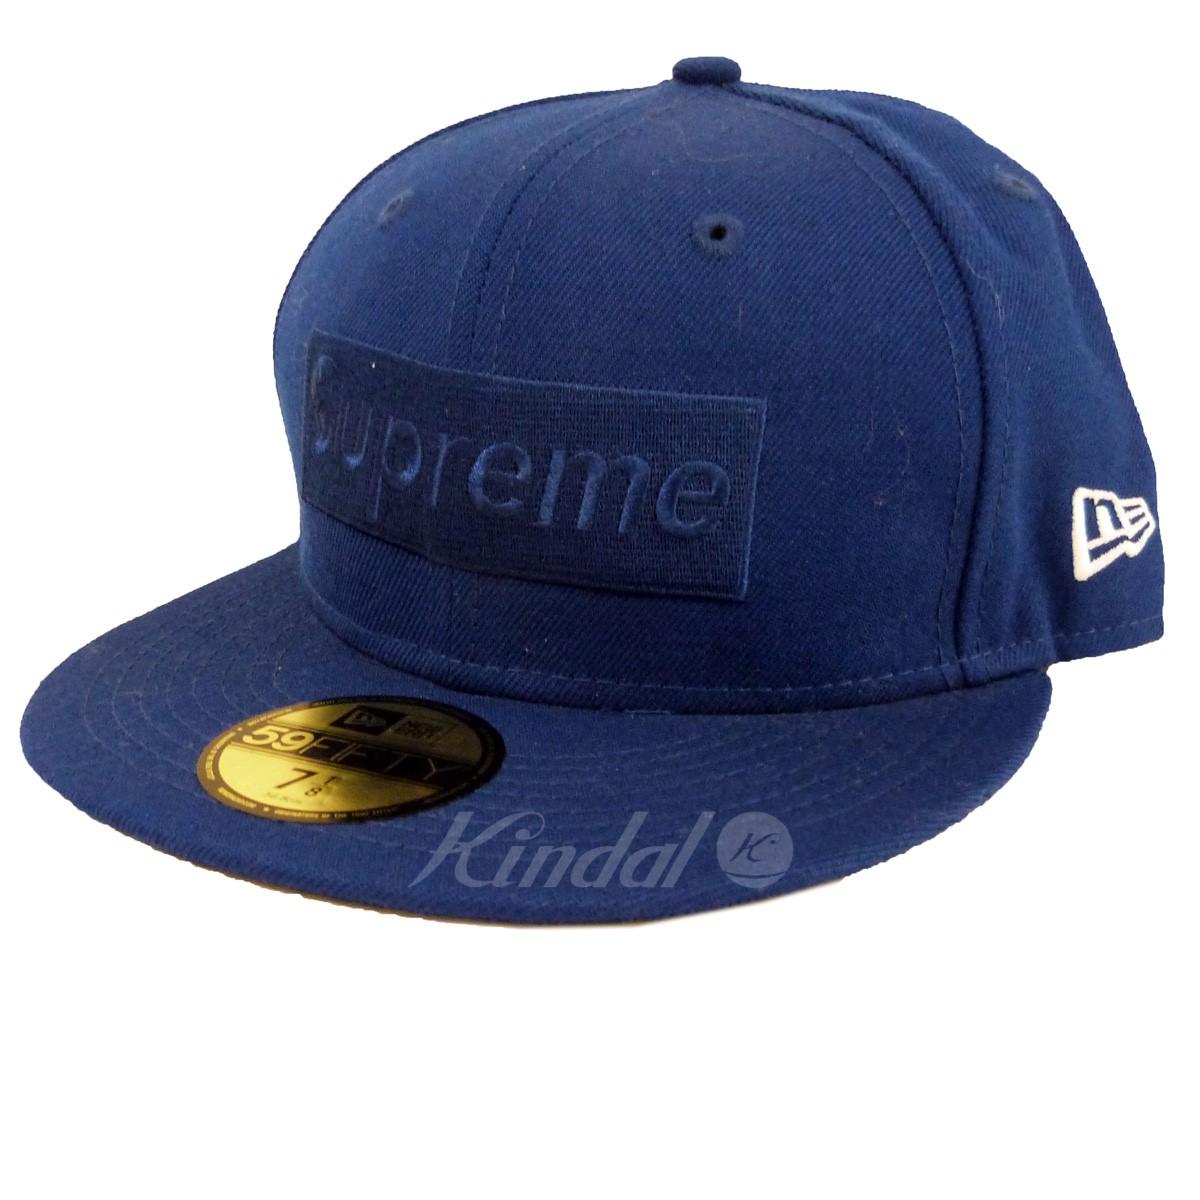 【中古】Supreme x New Era 14AW「Tonal Box Logo New Era Cap」BOXロゴベースボールキャップ ロイヤルブルー サイズ:7 1/8(56.8cm) 【130319】(シュプリーム ニューエラ), 浅科村 86fc0dcd